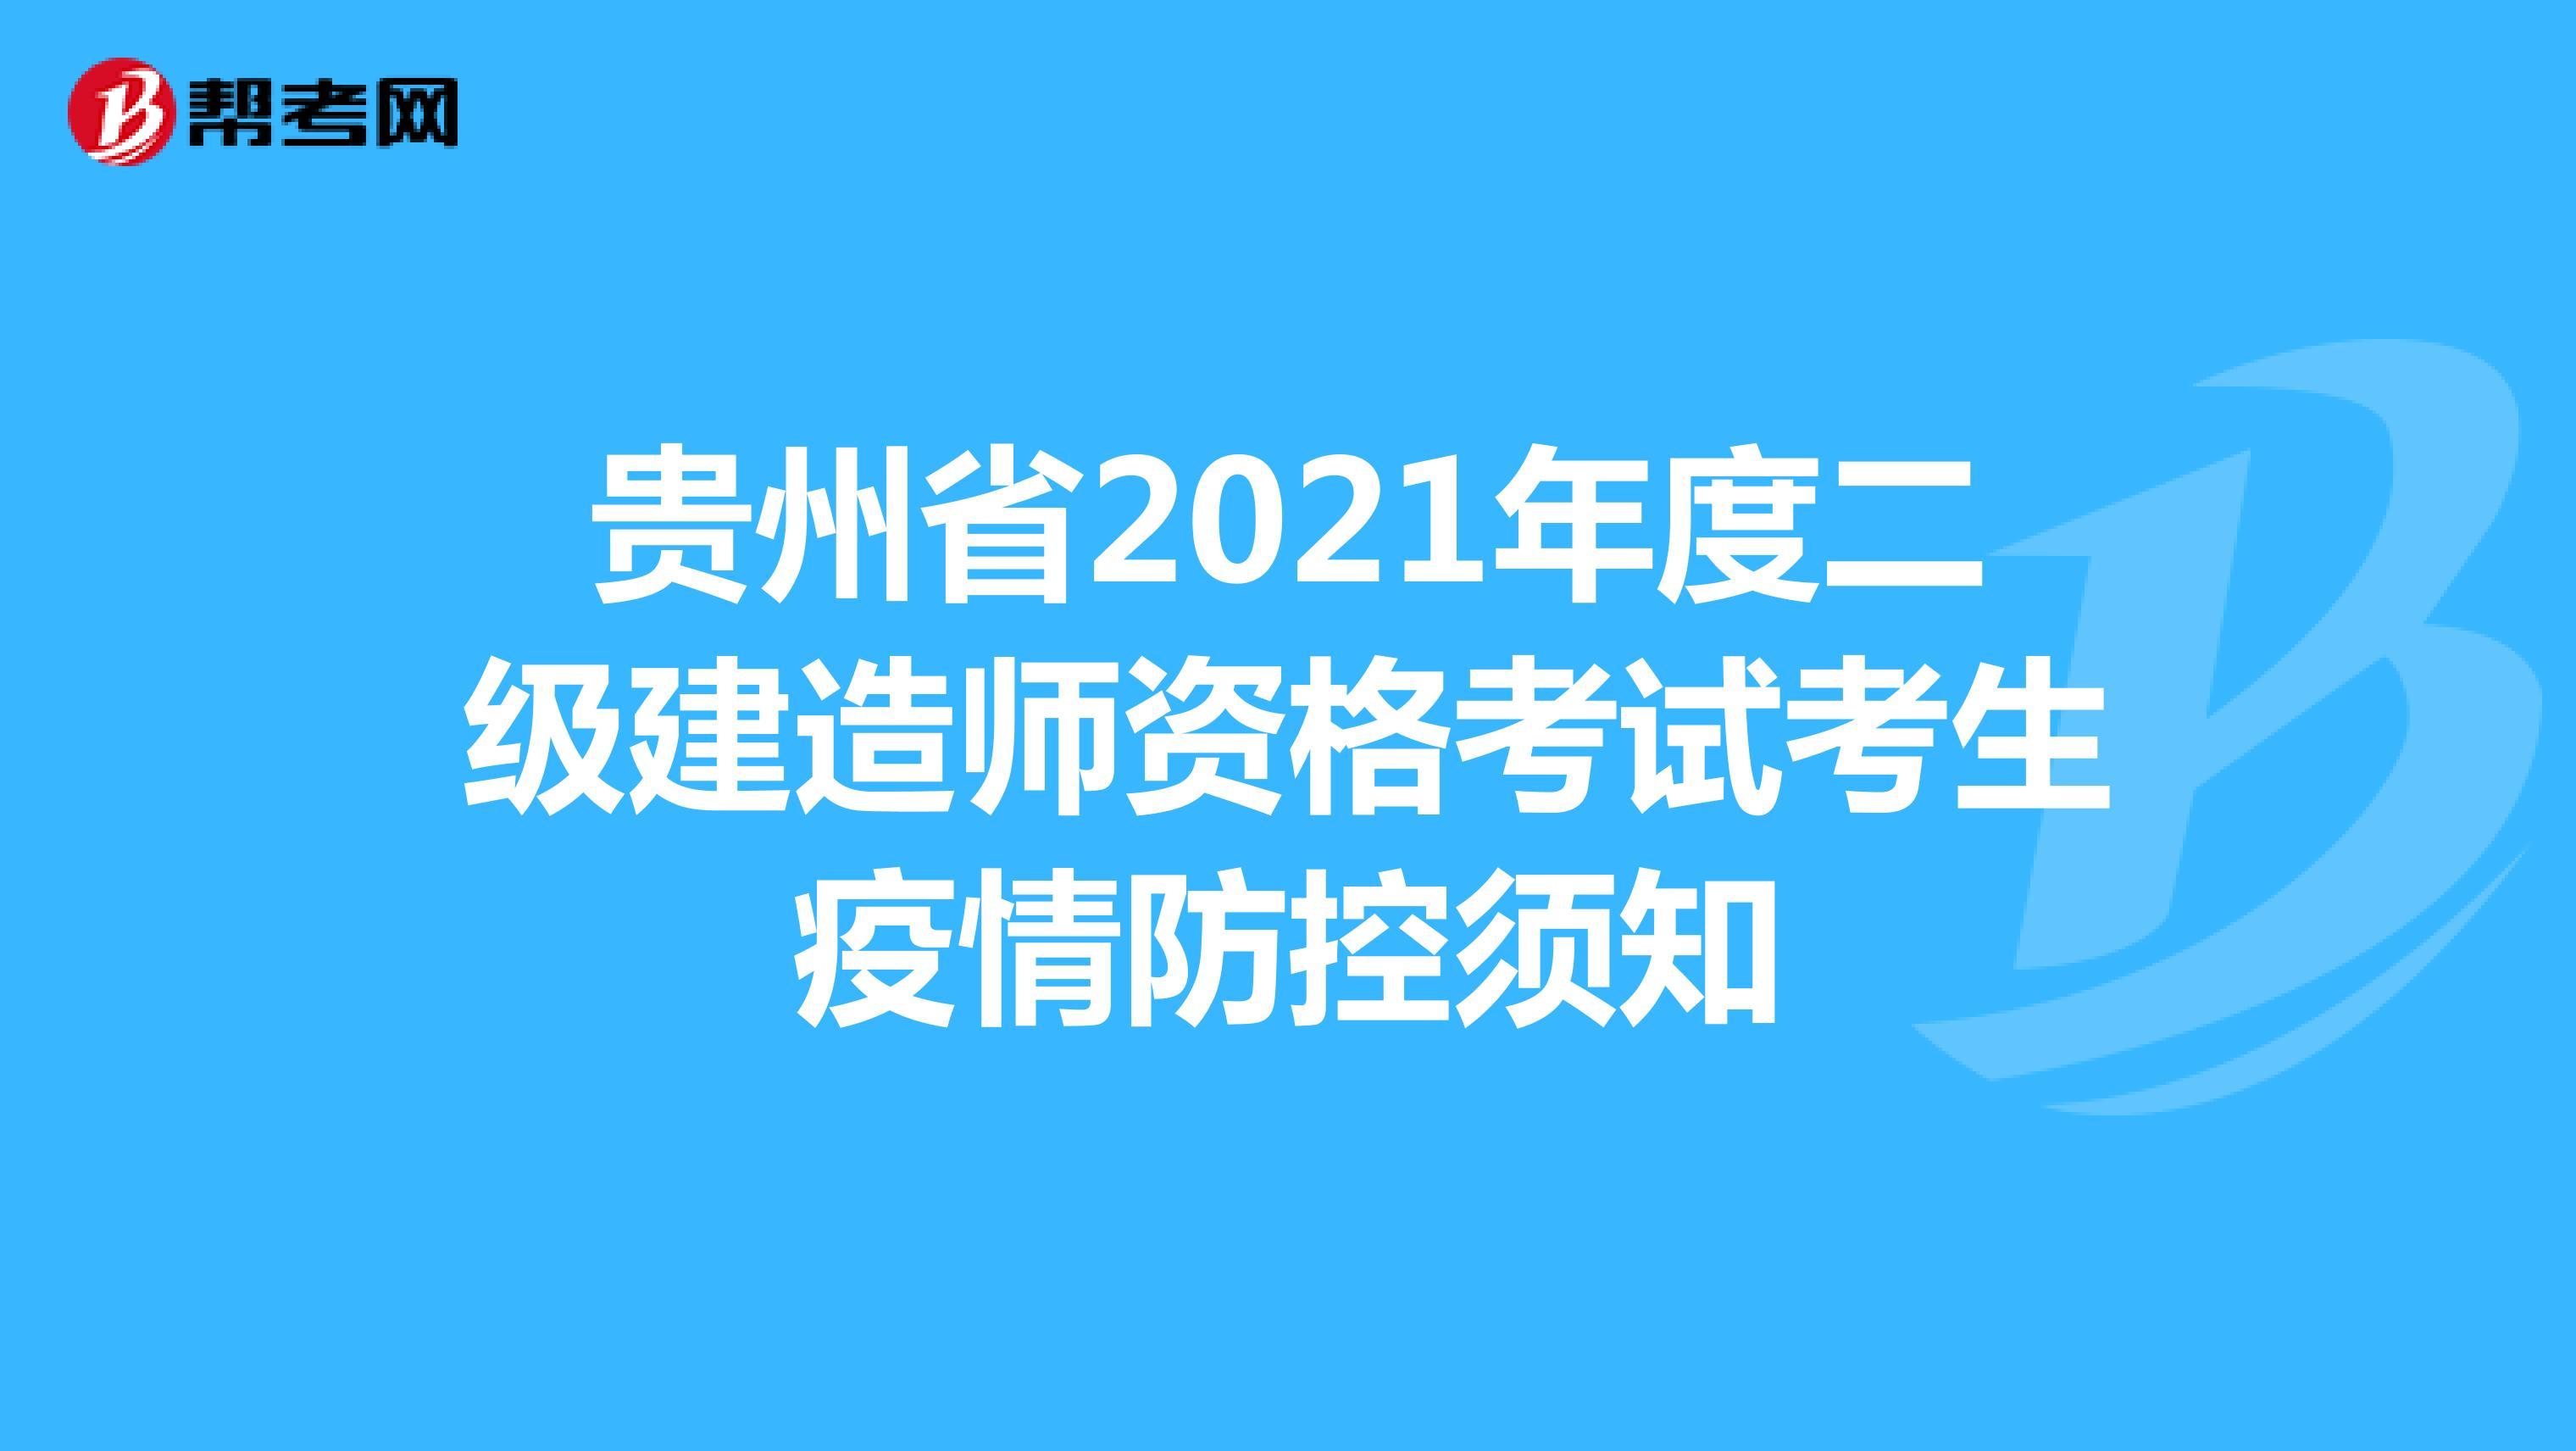 贵州省2021年度二级建造师资格考试考生疫情防控须知